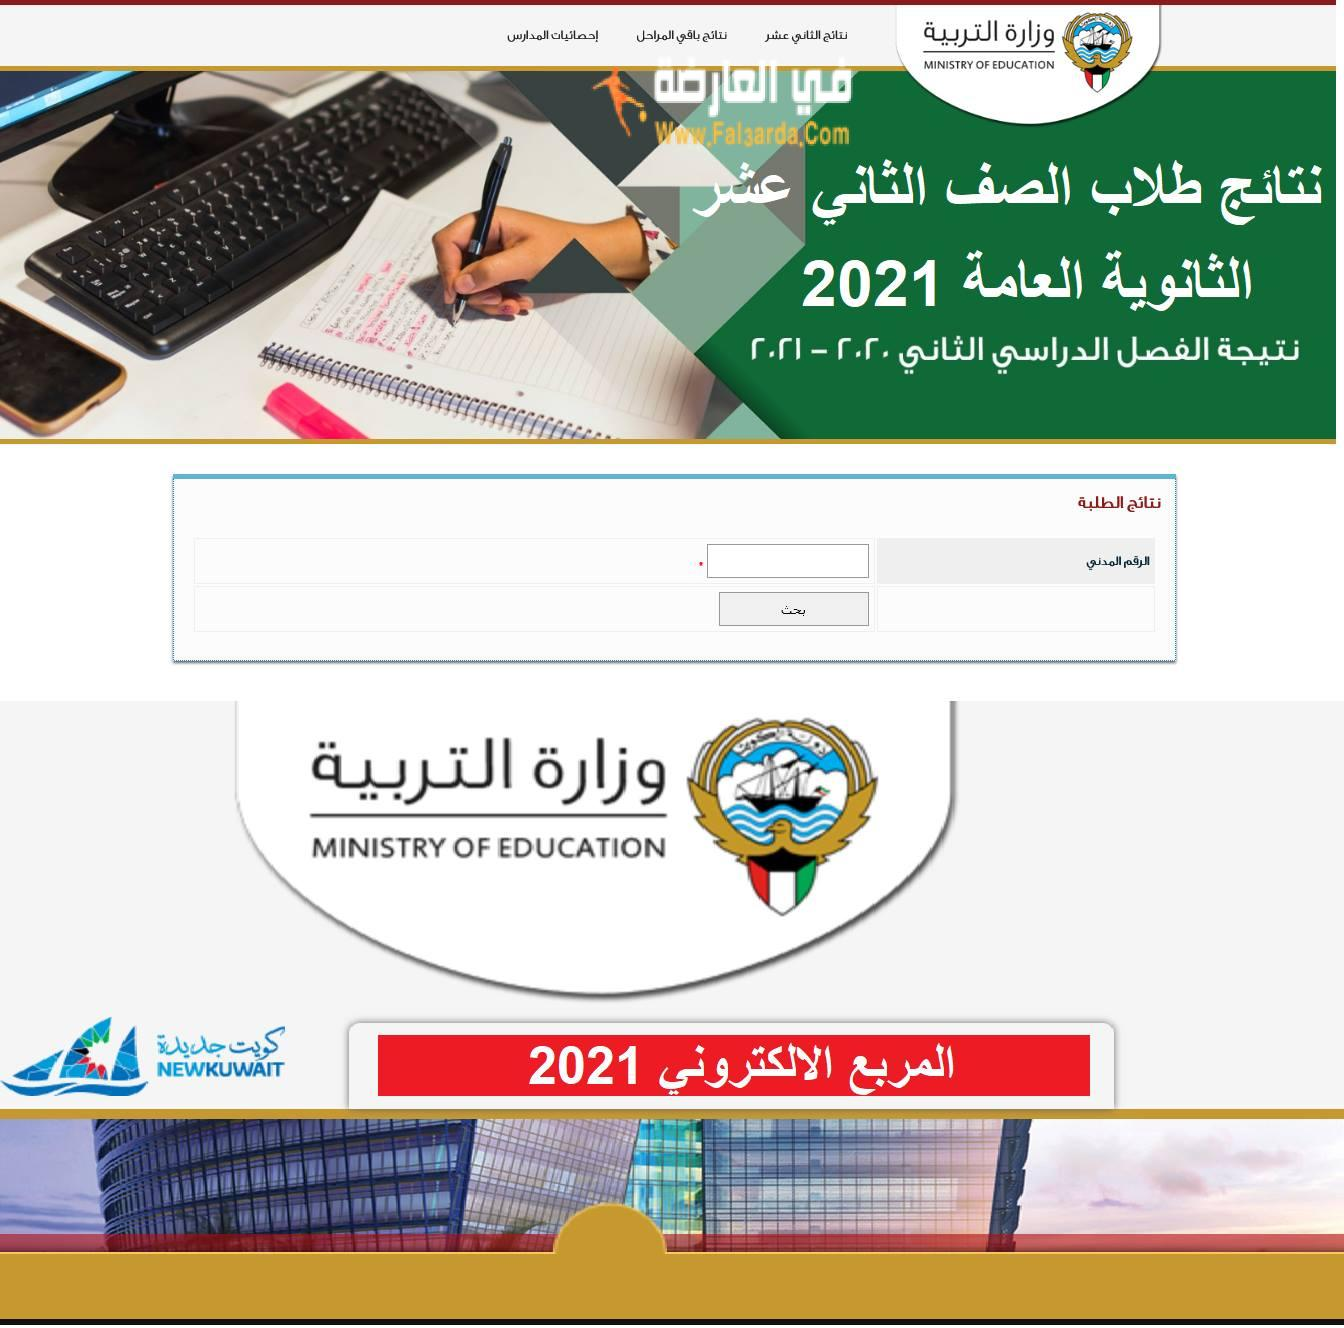 رابط مباشر نتائج الصف الثاني عشر بالكويت بالرقم المدني 2021 عبر وزارة التعليم الكويتية